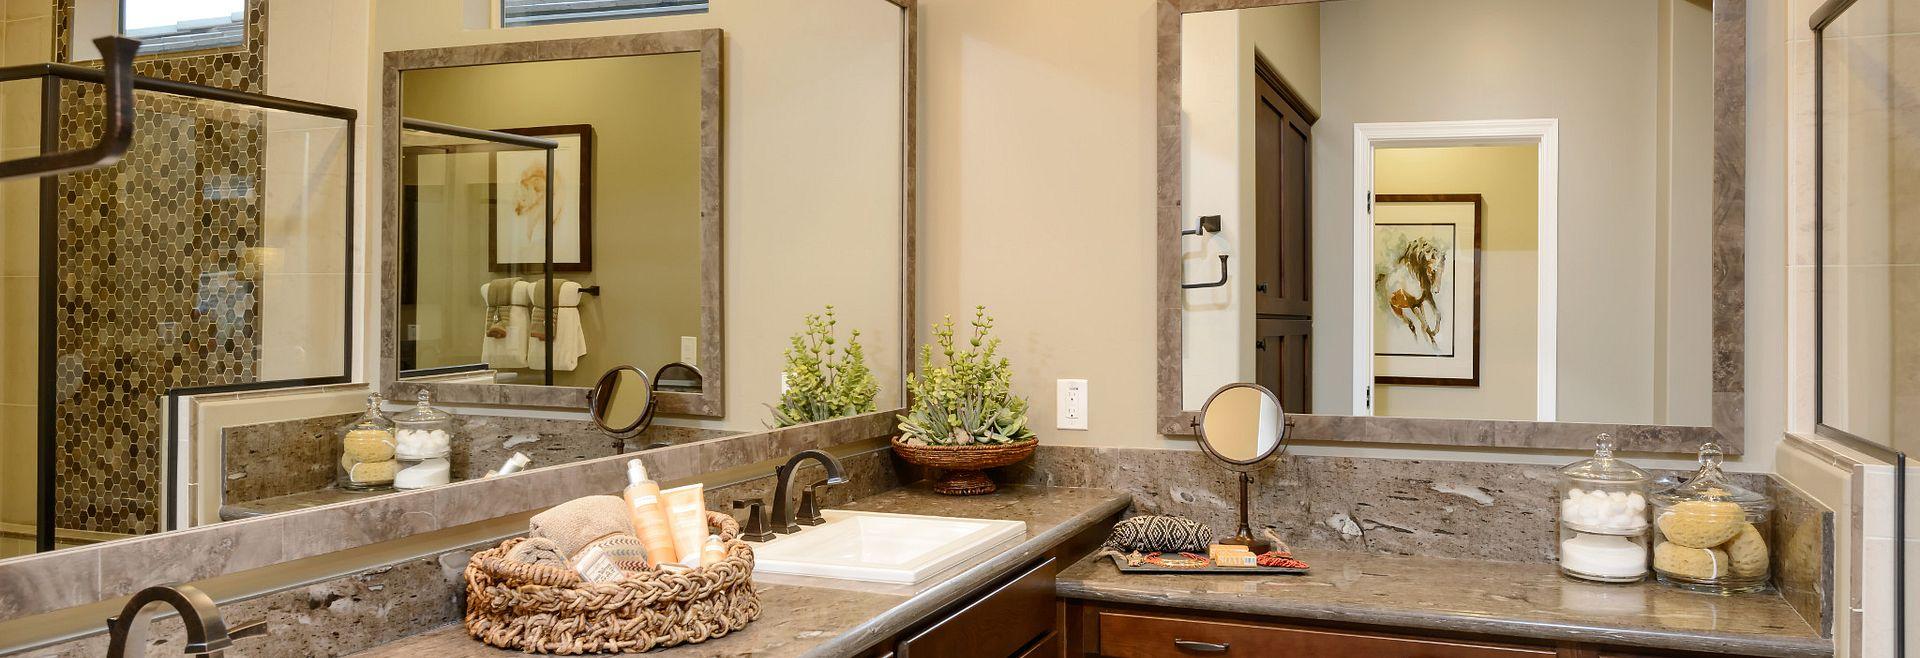 Resolution Model Master Bathroom